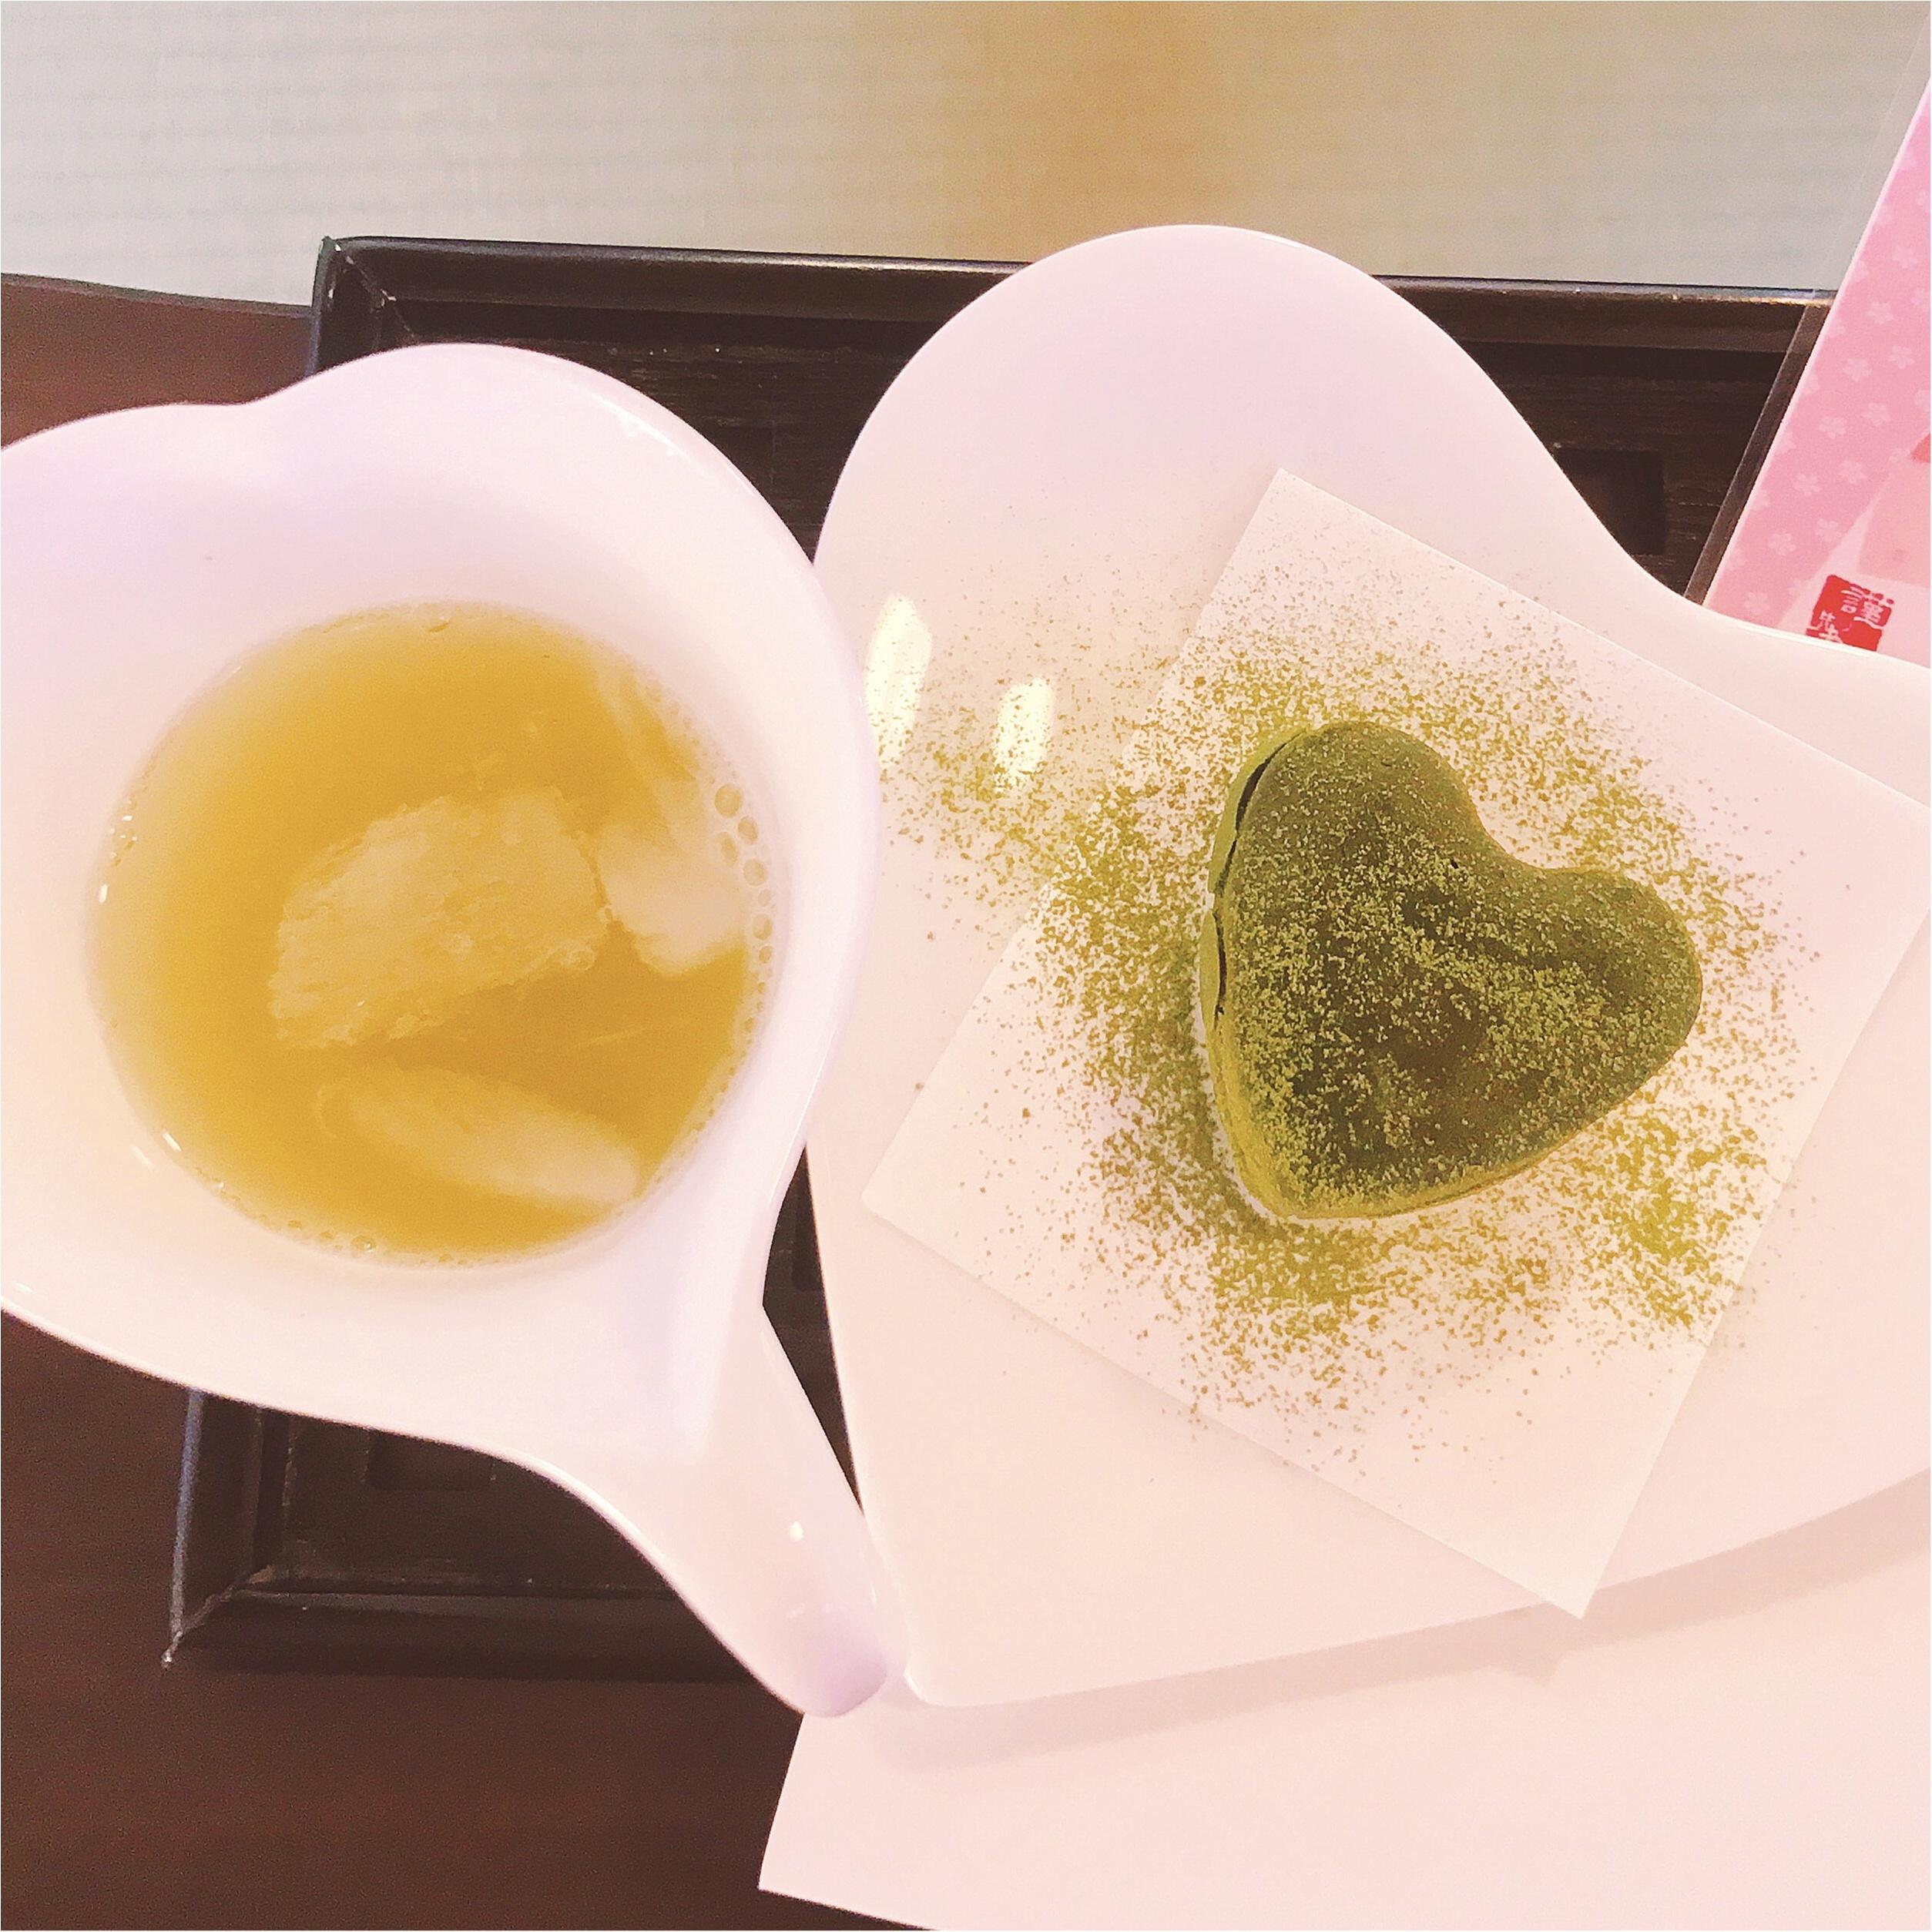 《川越グルメ》ハートがかわいい♡抹茶好き必見の「縁むすび」スイーツって?_5